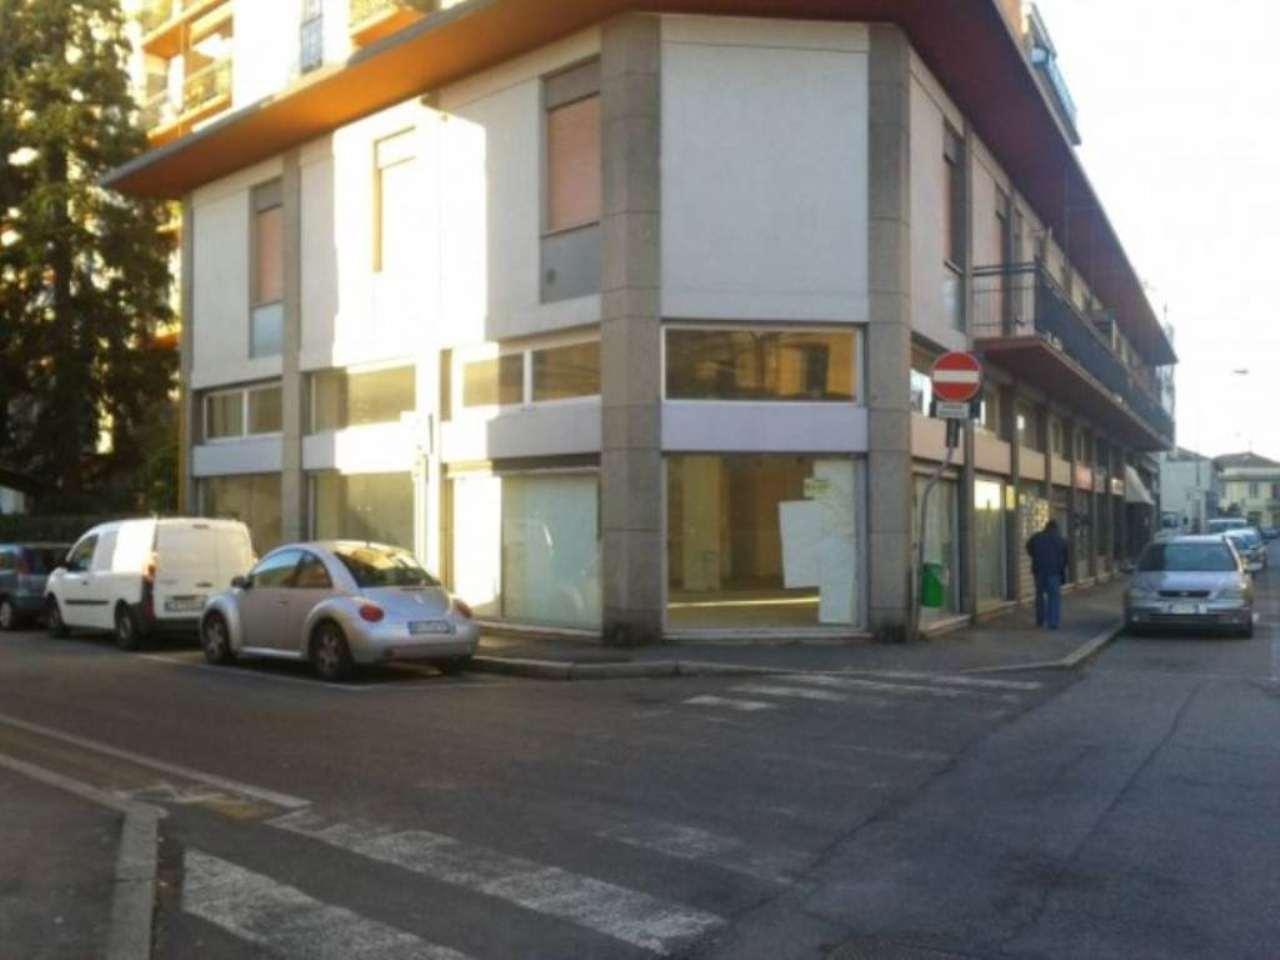 Negozio / Locale in vendita a Rho, 2 locali, prezzo € 640.000 | CambioCasa.it